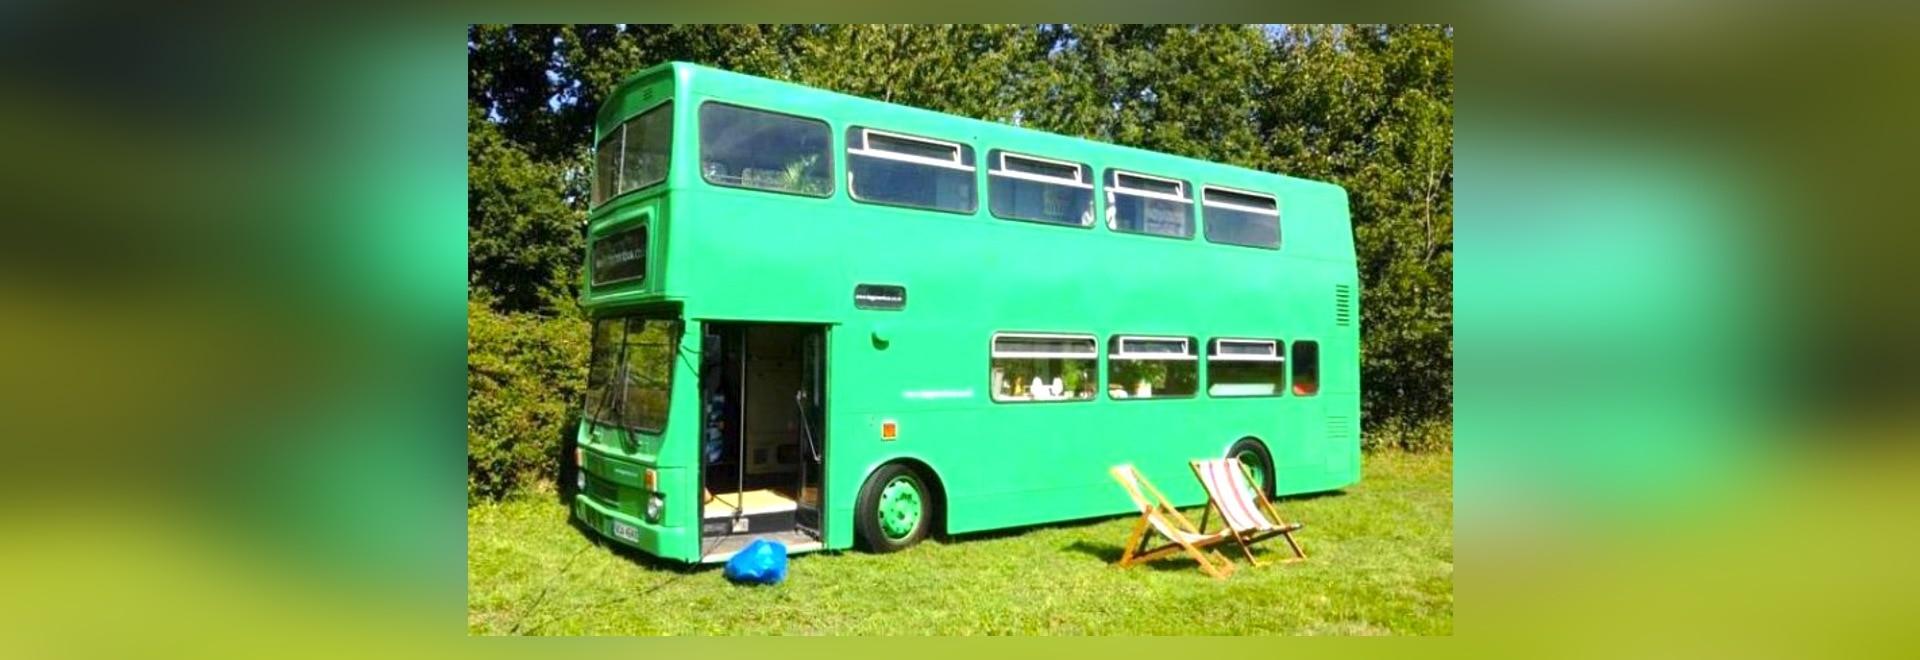 Der große grüne Bus ist ein pensionierter Stadt-Bus, der in ein ...